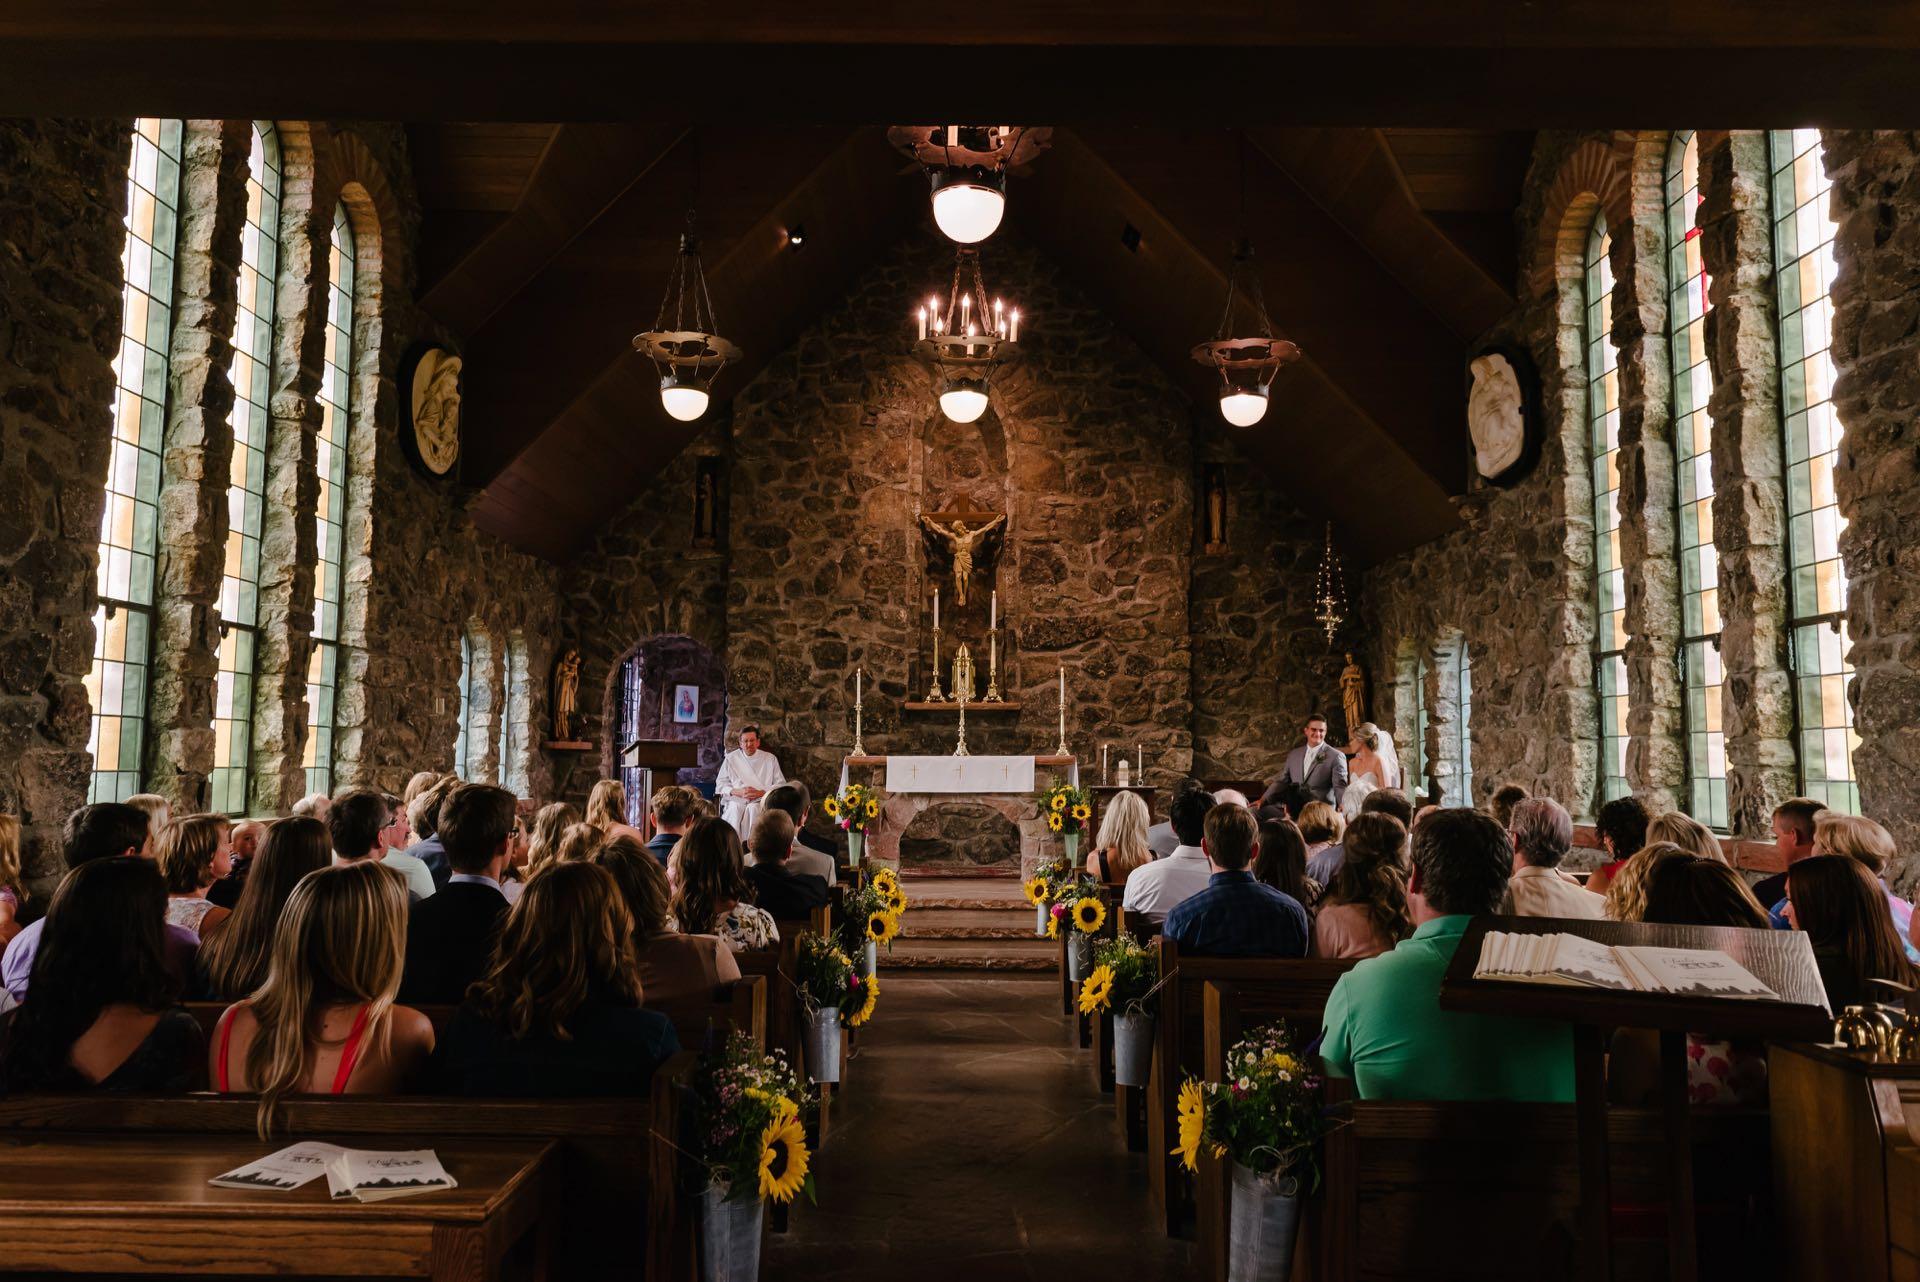 kirchliche-trauung-zeremonie-3